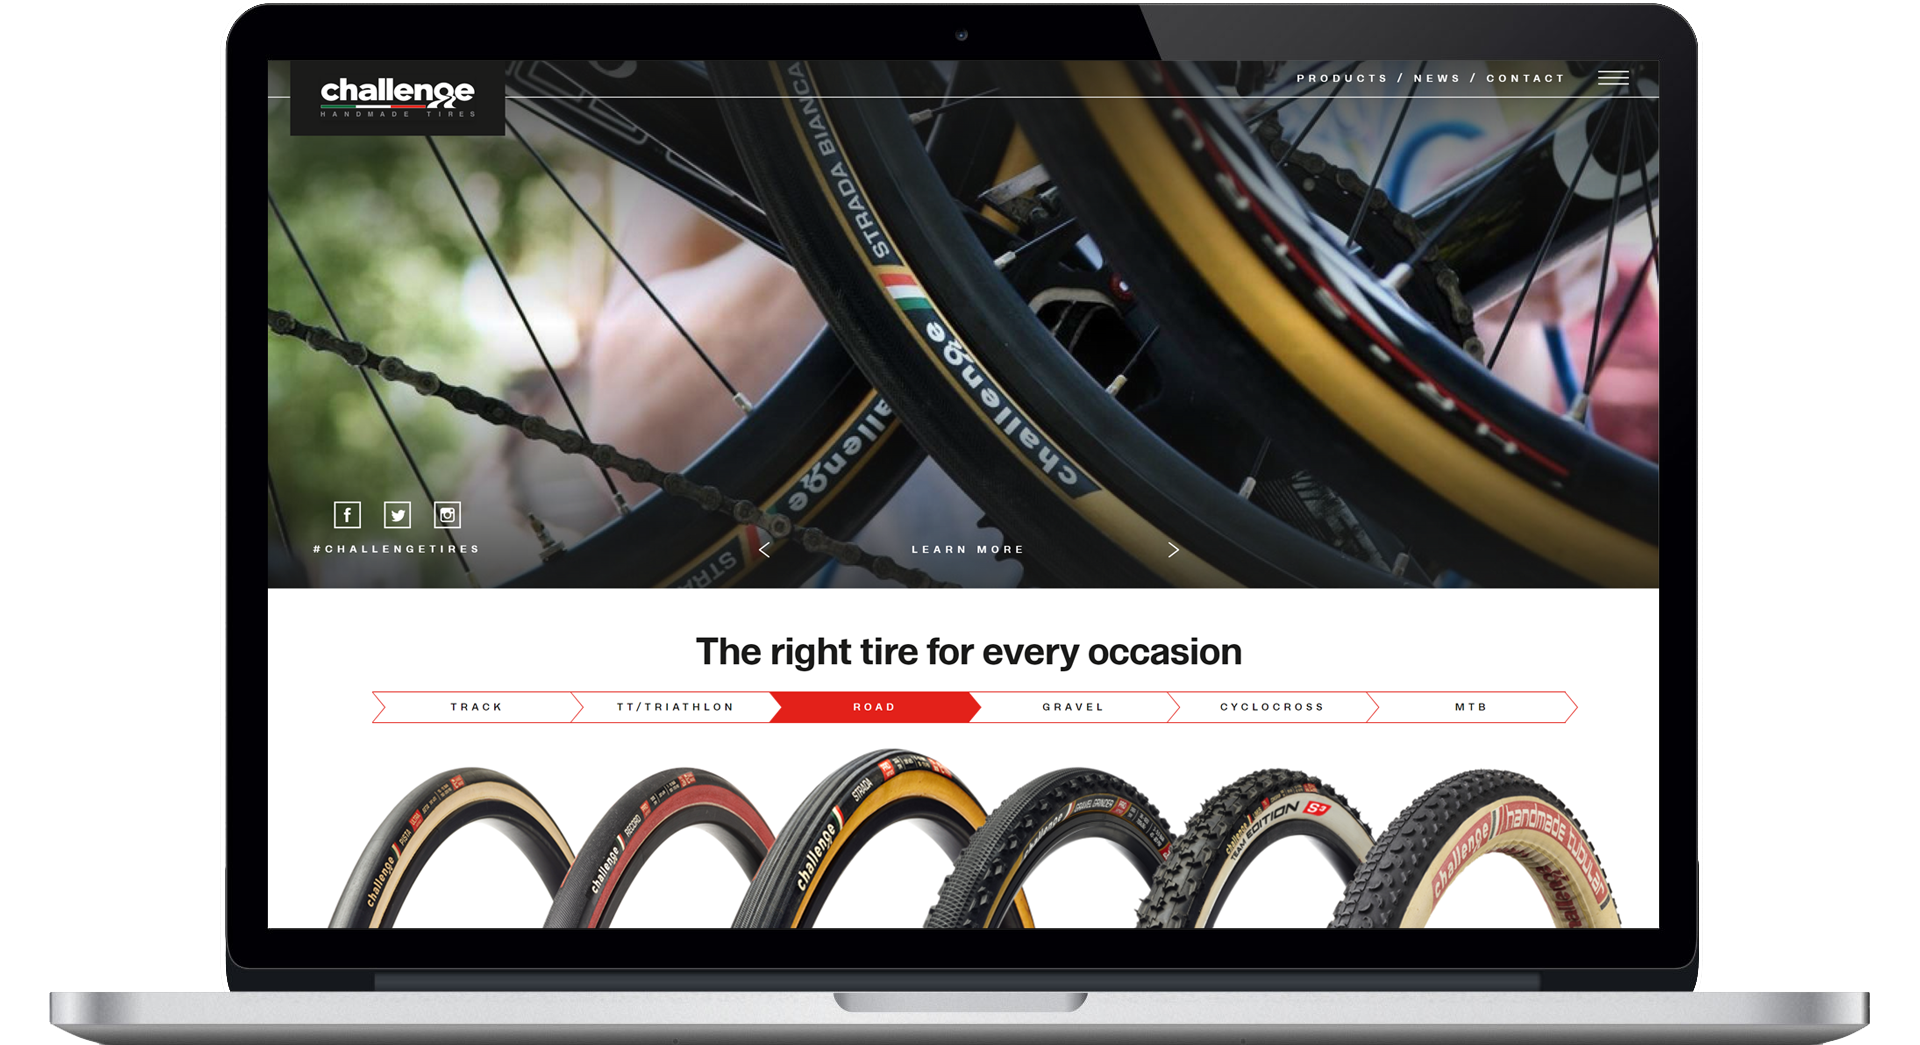 Minimal Browser Challengetires Com Website Mockup